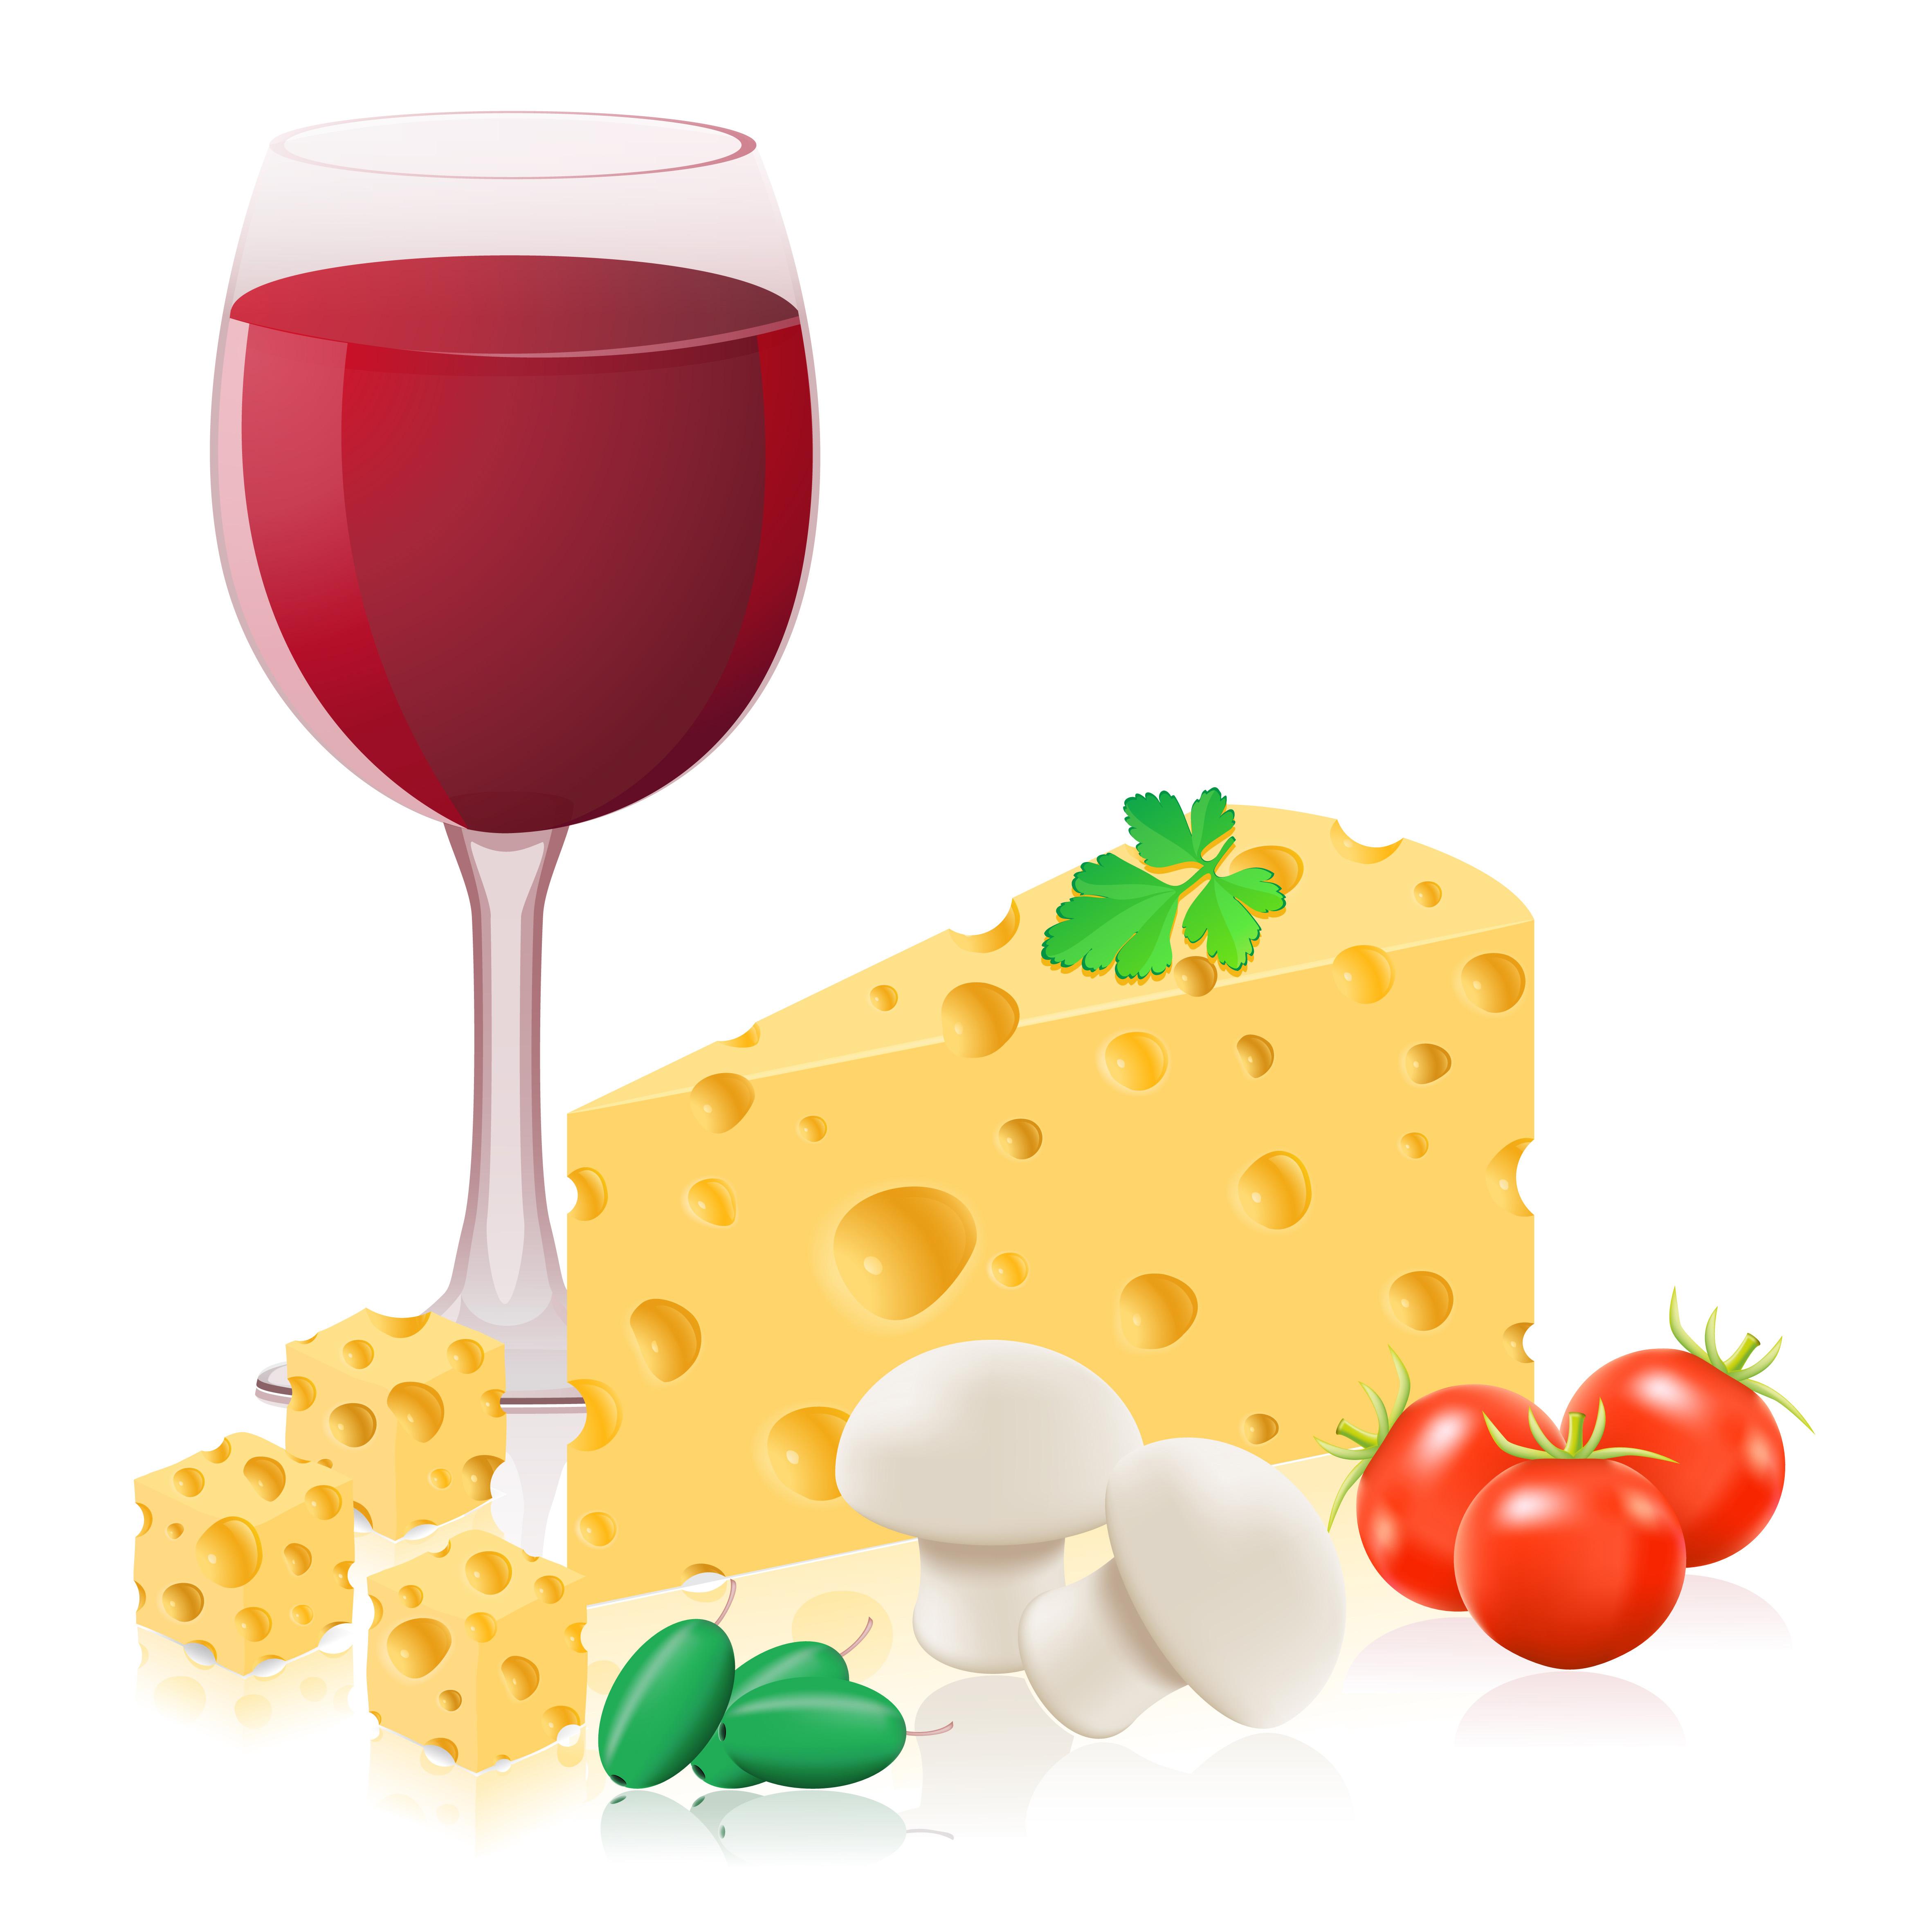 Cheese Cartoon clipart - Wine, Cheese, Grape, transparent clip art